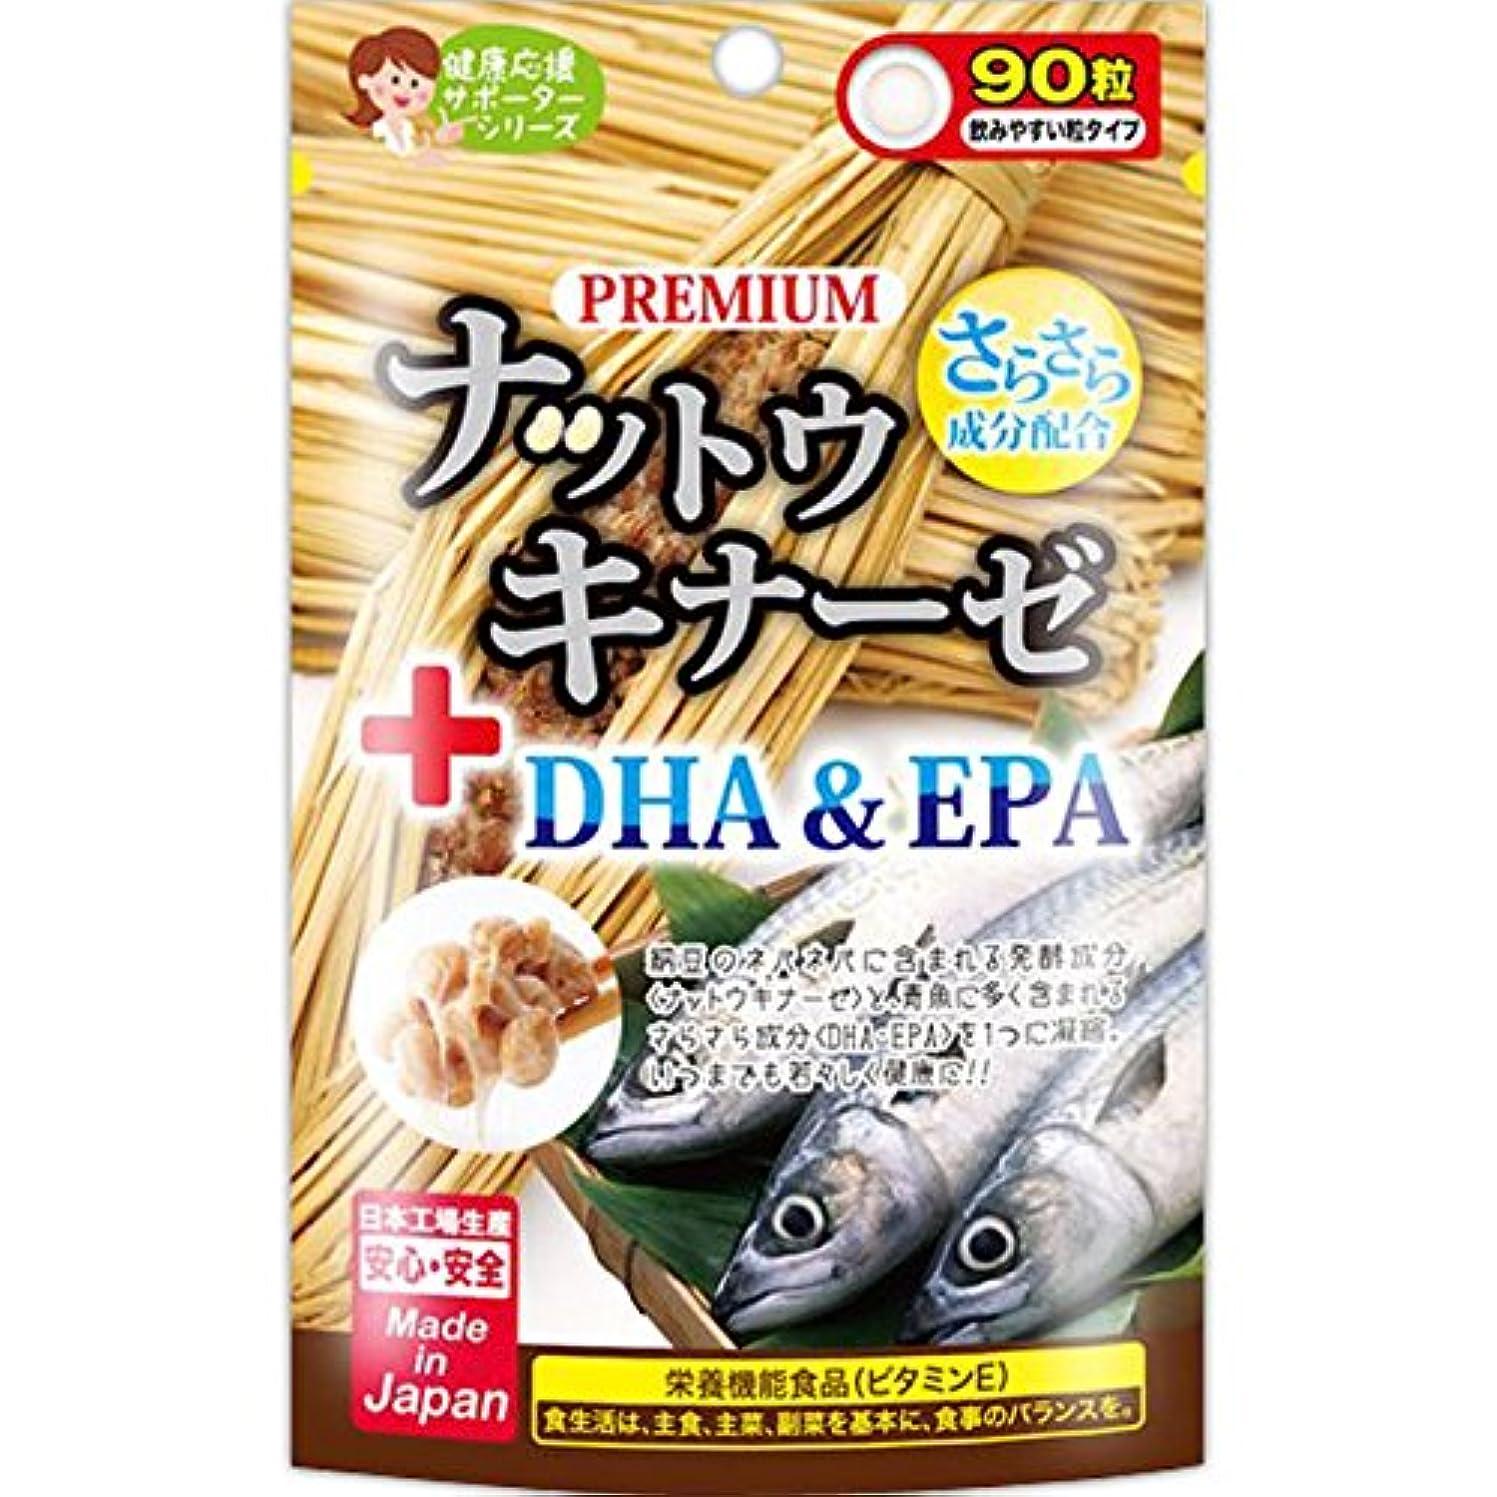 ワイプソーダ水スラックジャパンギャルズ プレミアムナットウキナーゼ+DHA&EPA 90粒×10個セット